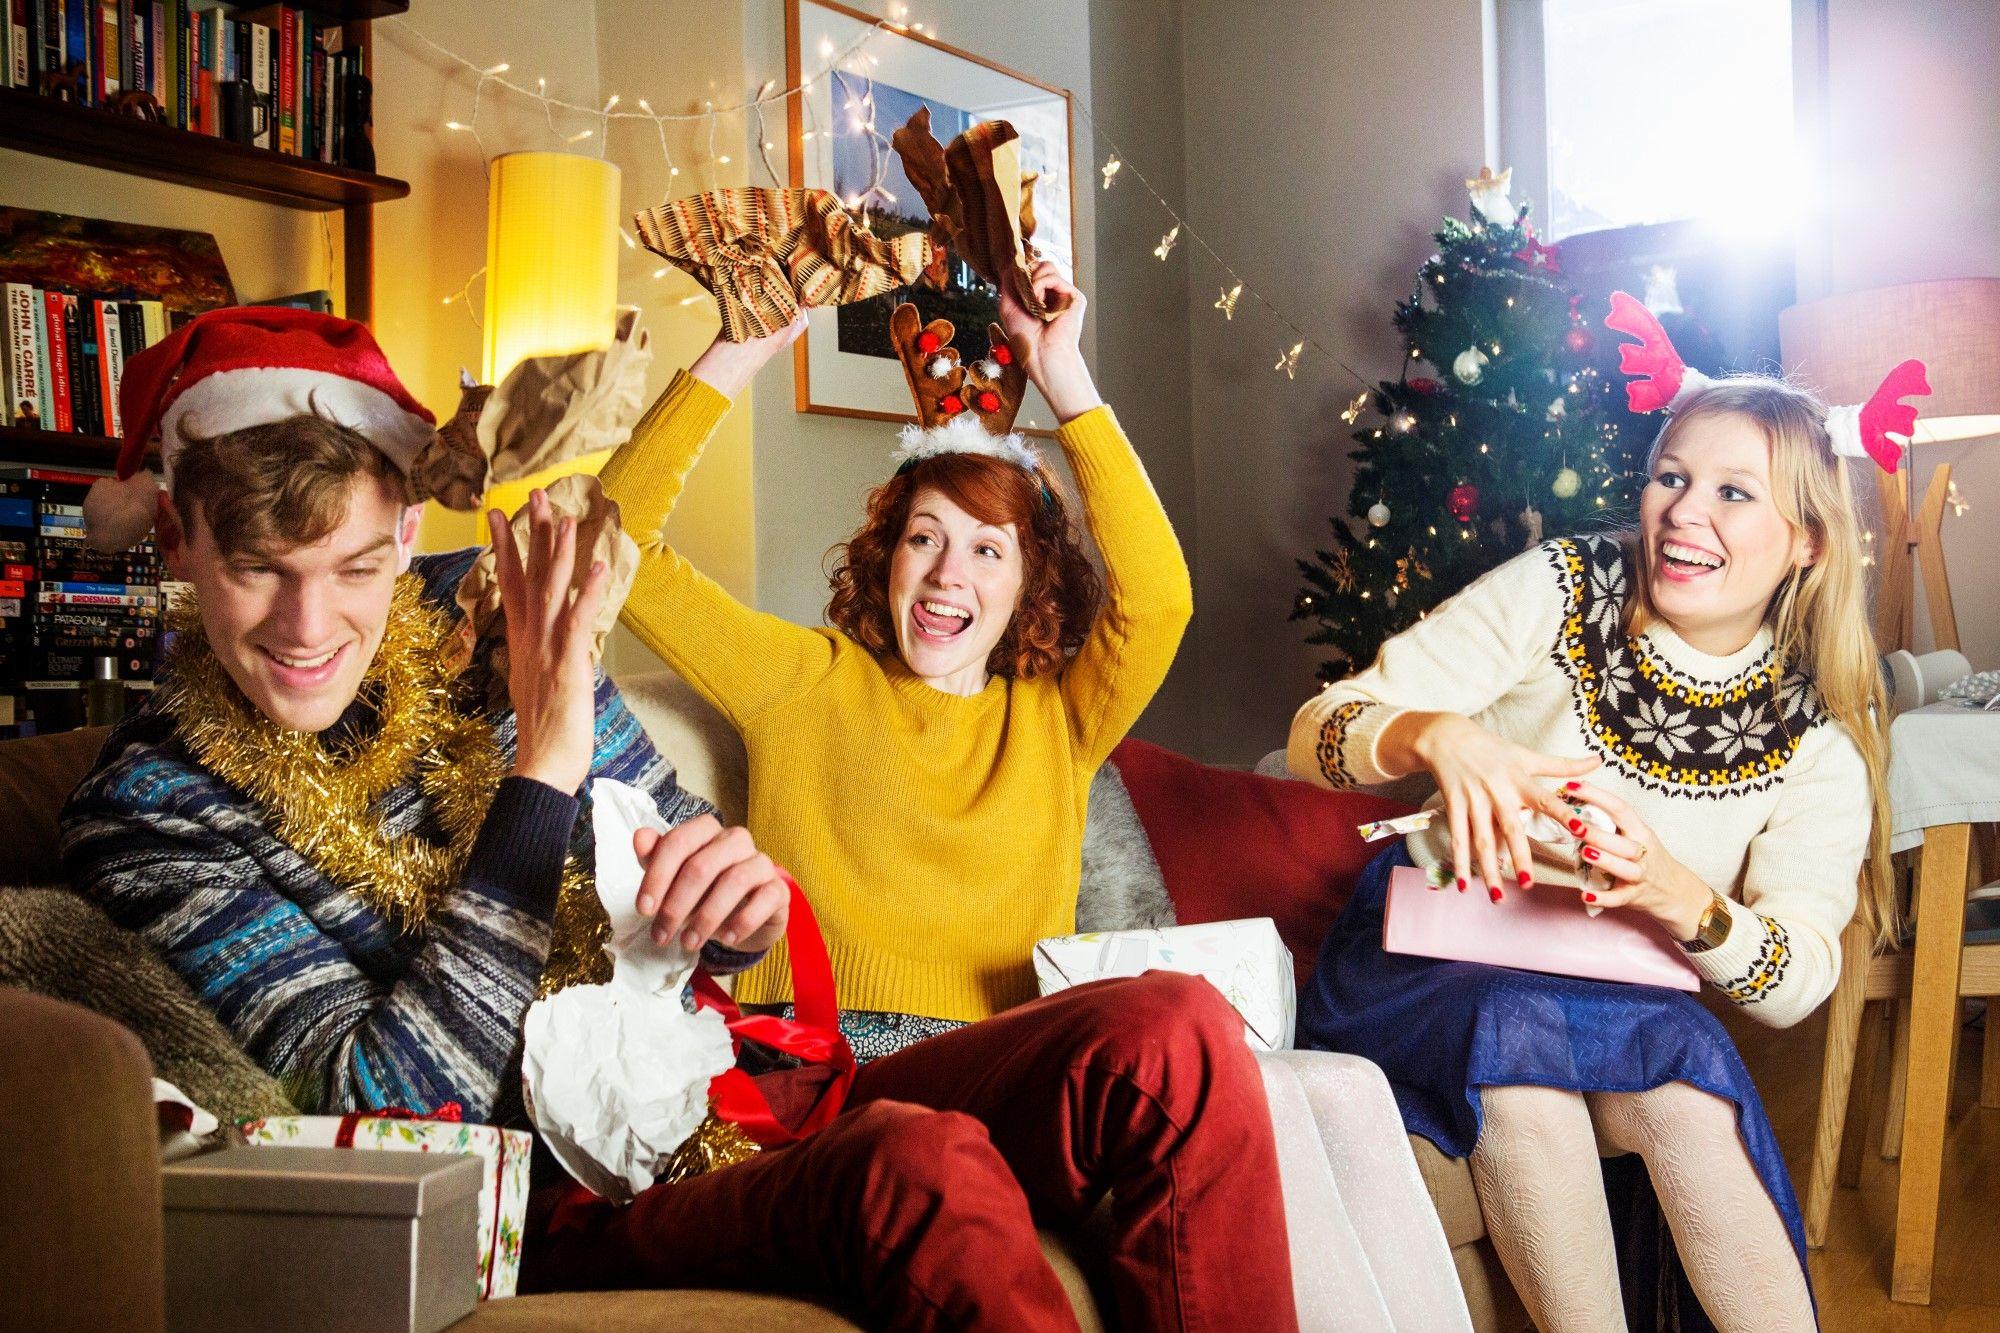 Regali Di Natale Sotto 10 Euro.Regali Di Natale 2016 Economici E Originali A Meno Di 10 Euro